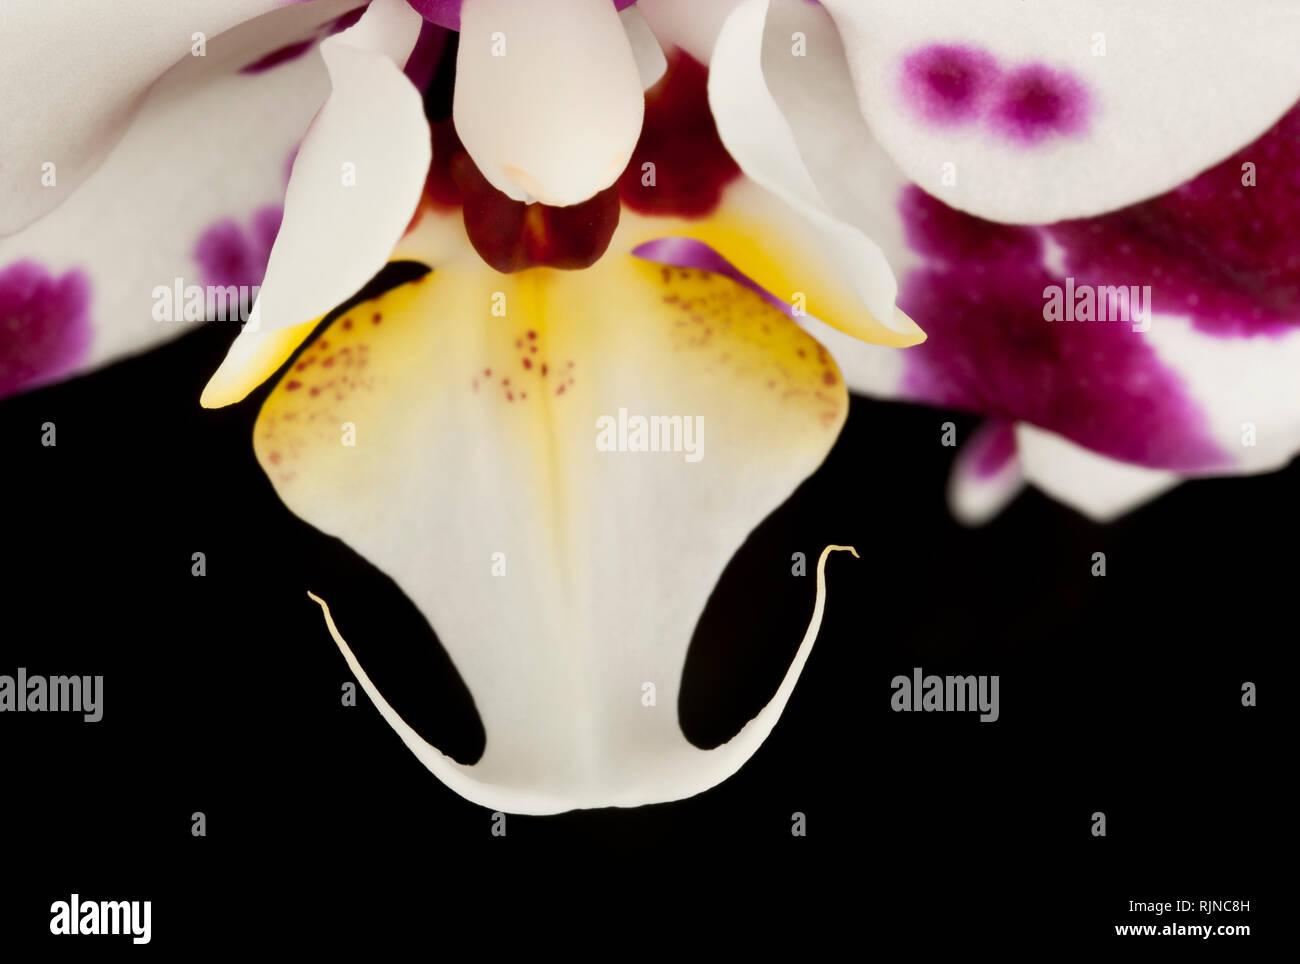 Eine Orchidee auf schwarzem Hintergrund Stockfoto